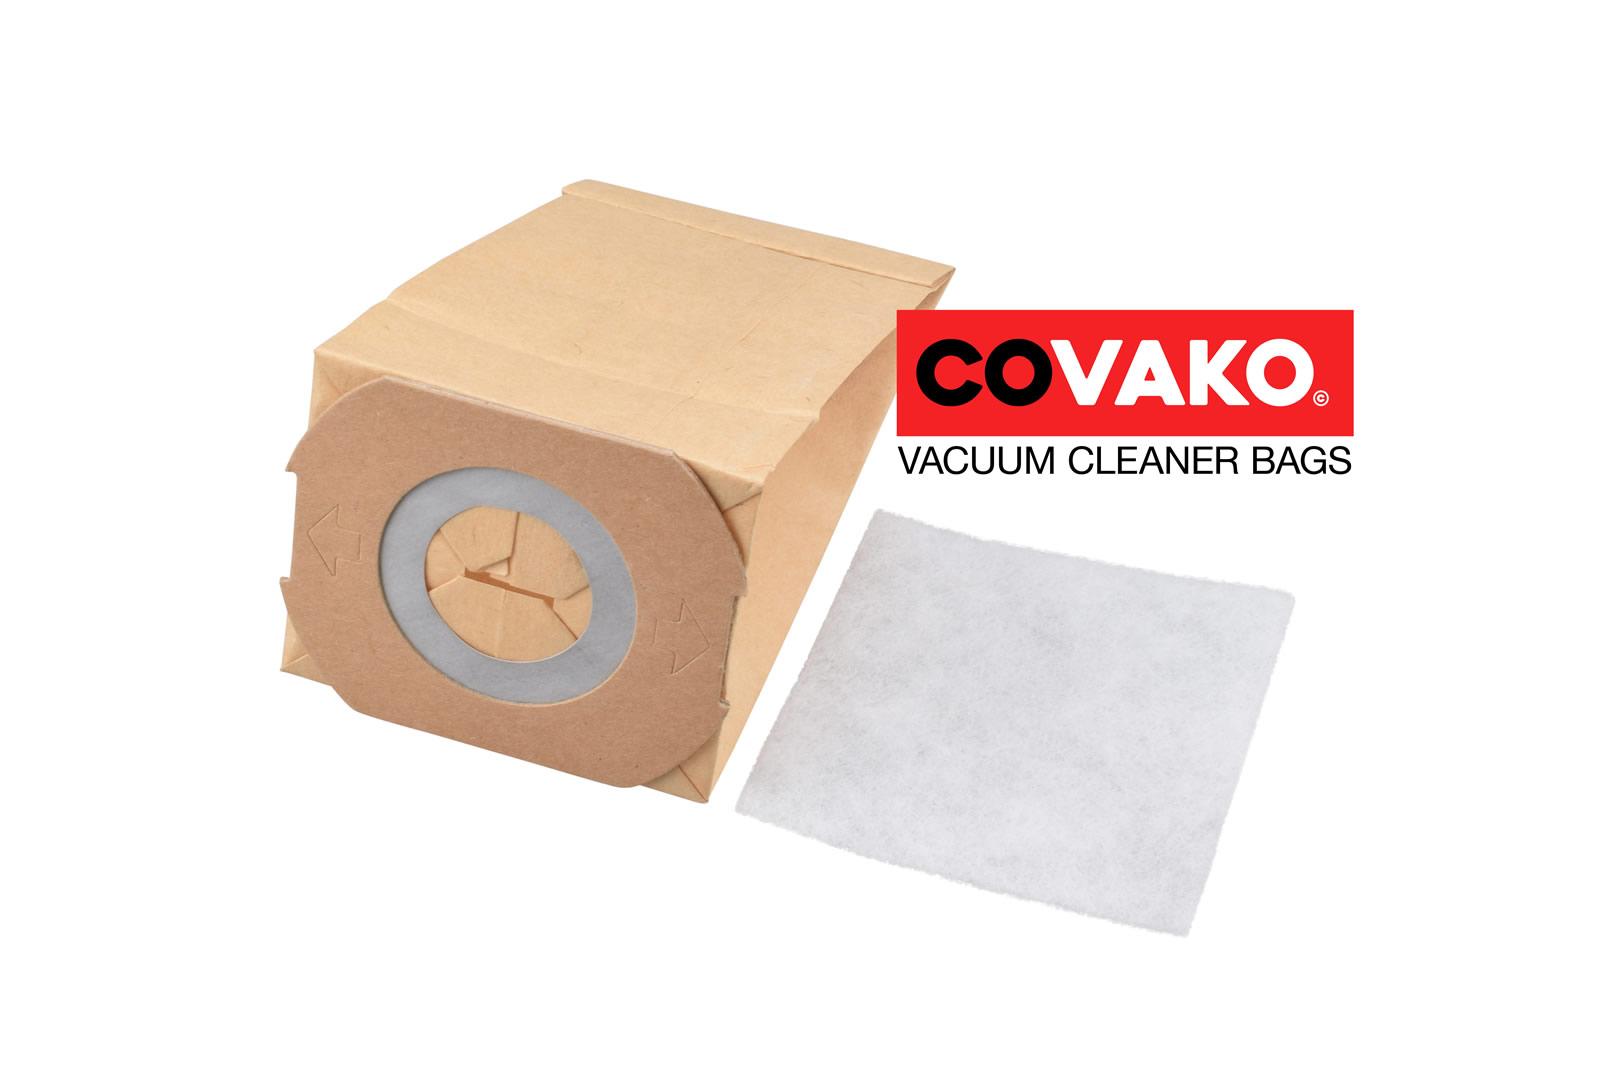 Omega Contur HSS 09/3 / Papier - Omega sacs d'aspirateur